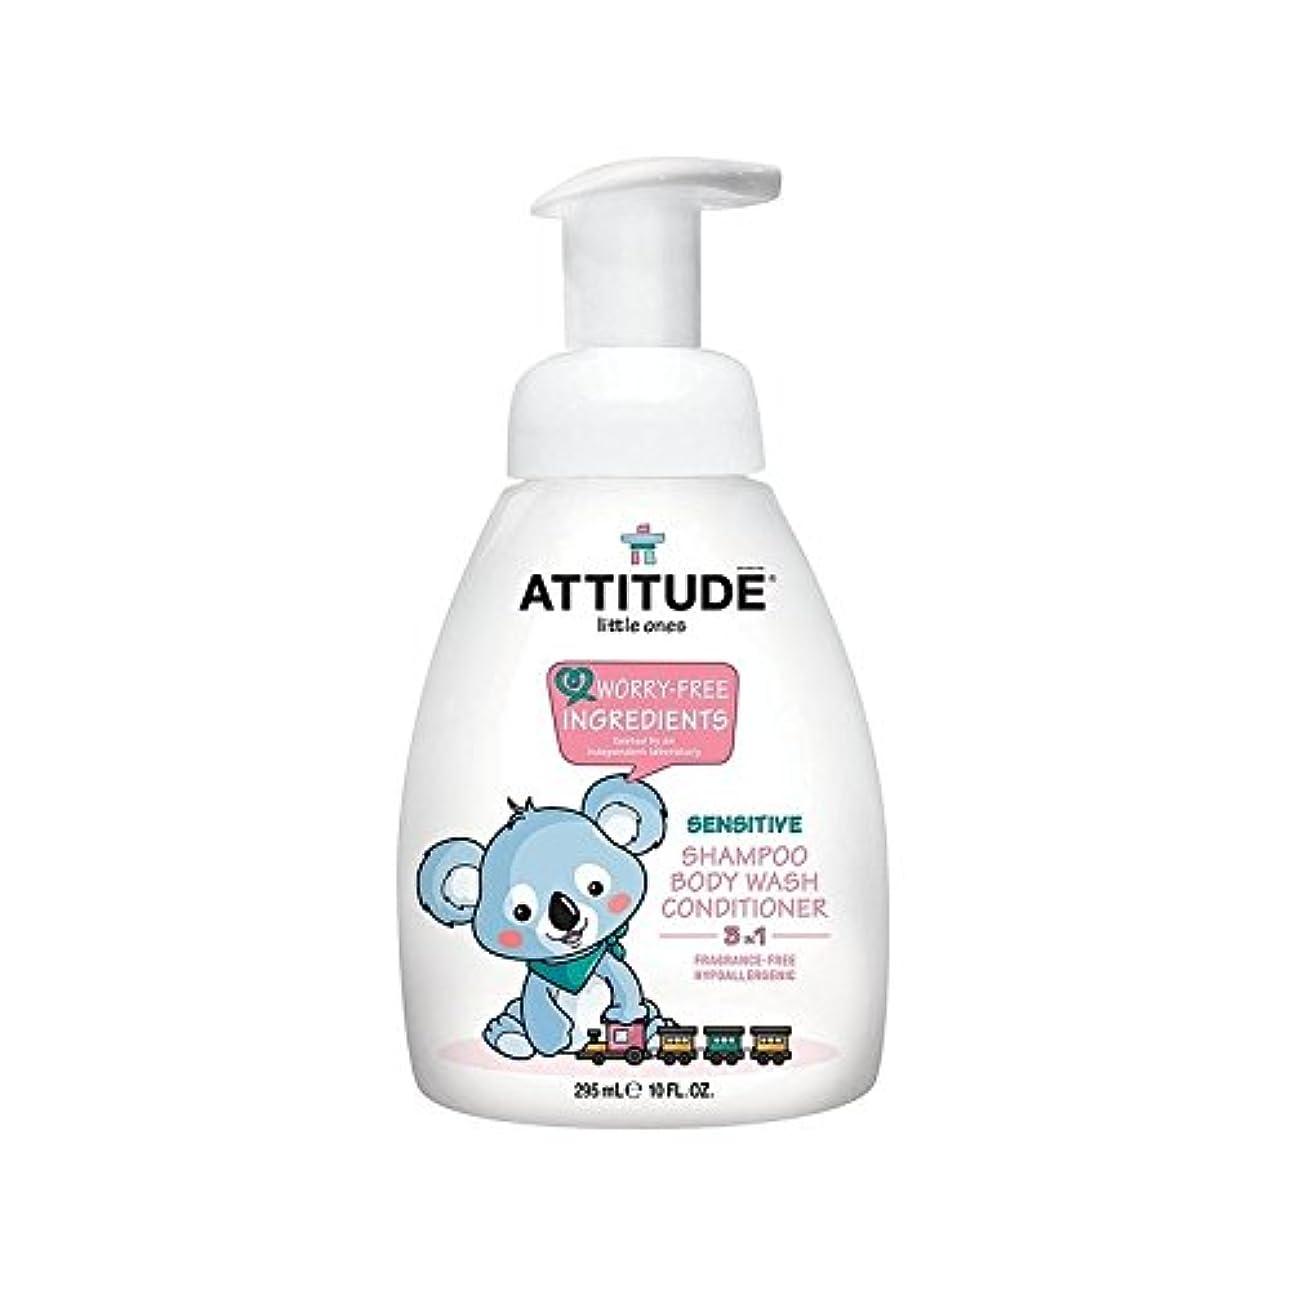 鉛筆リクルートホームレス小さなもの3 1シャンプーシャワーコンディショナーポンプ無香料295ミリリットル (Attitude) (x 6) - Attitude Little Ones 3 in 1 Shampoo Shower Conditioner Pump Fragrance Free 295ml (Pack of 6) [並行輸入品]